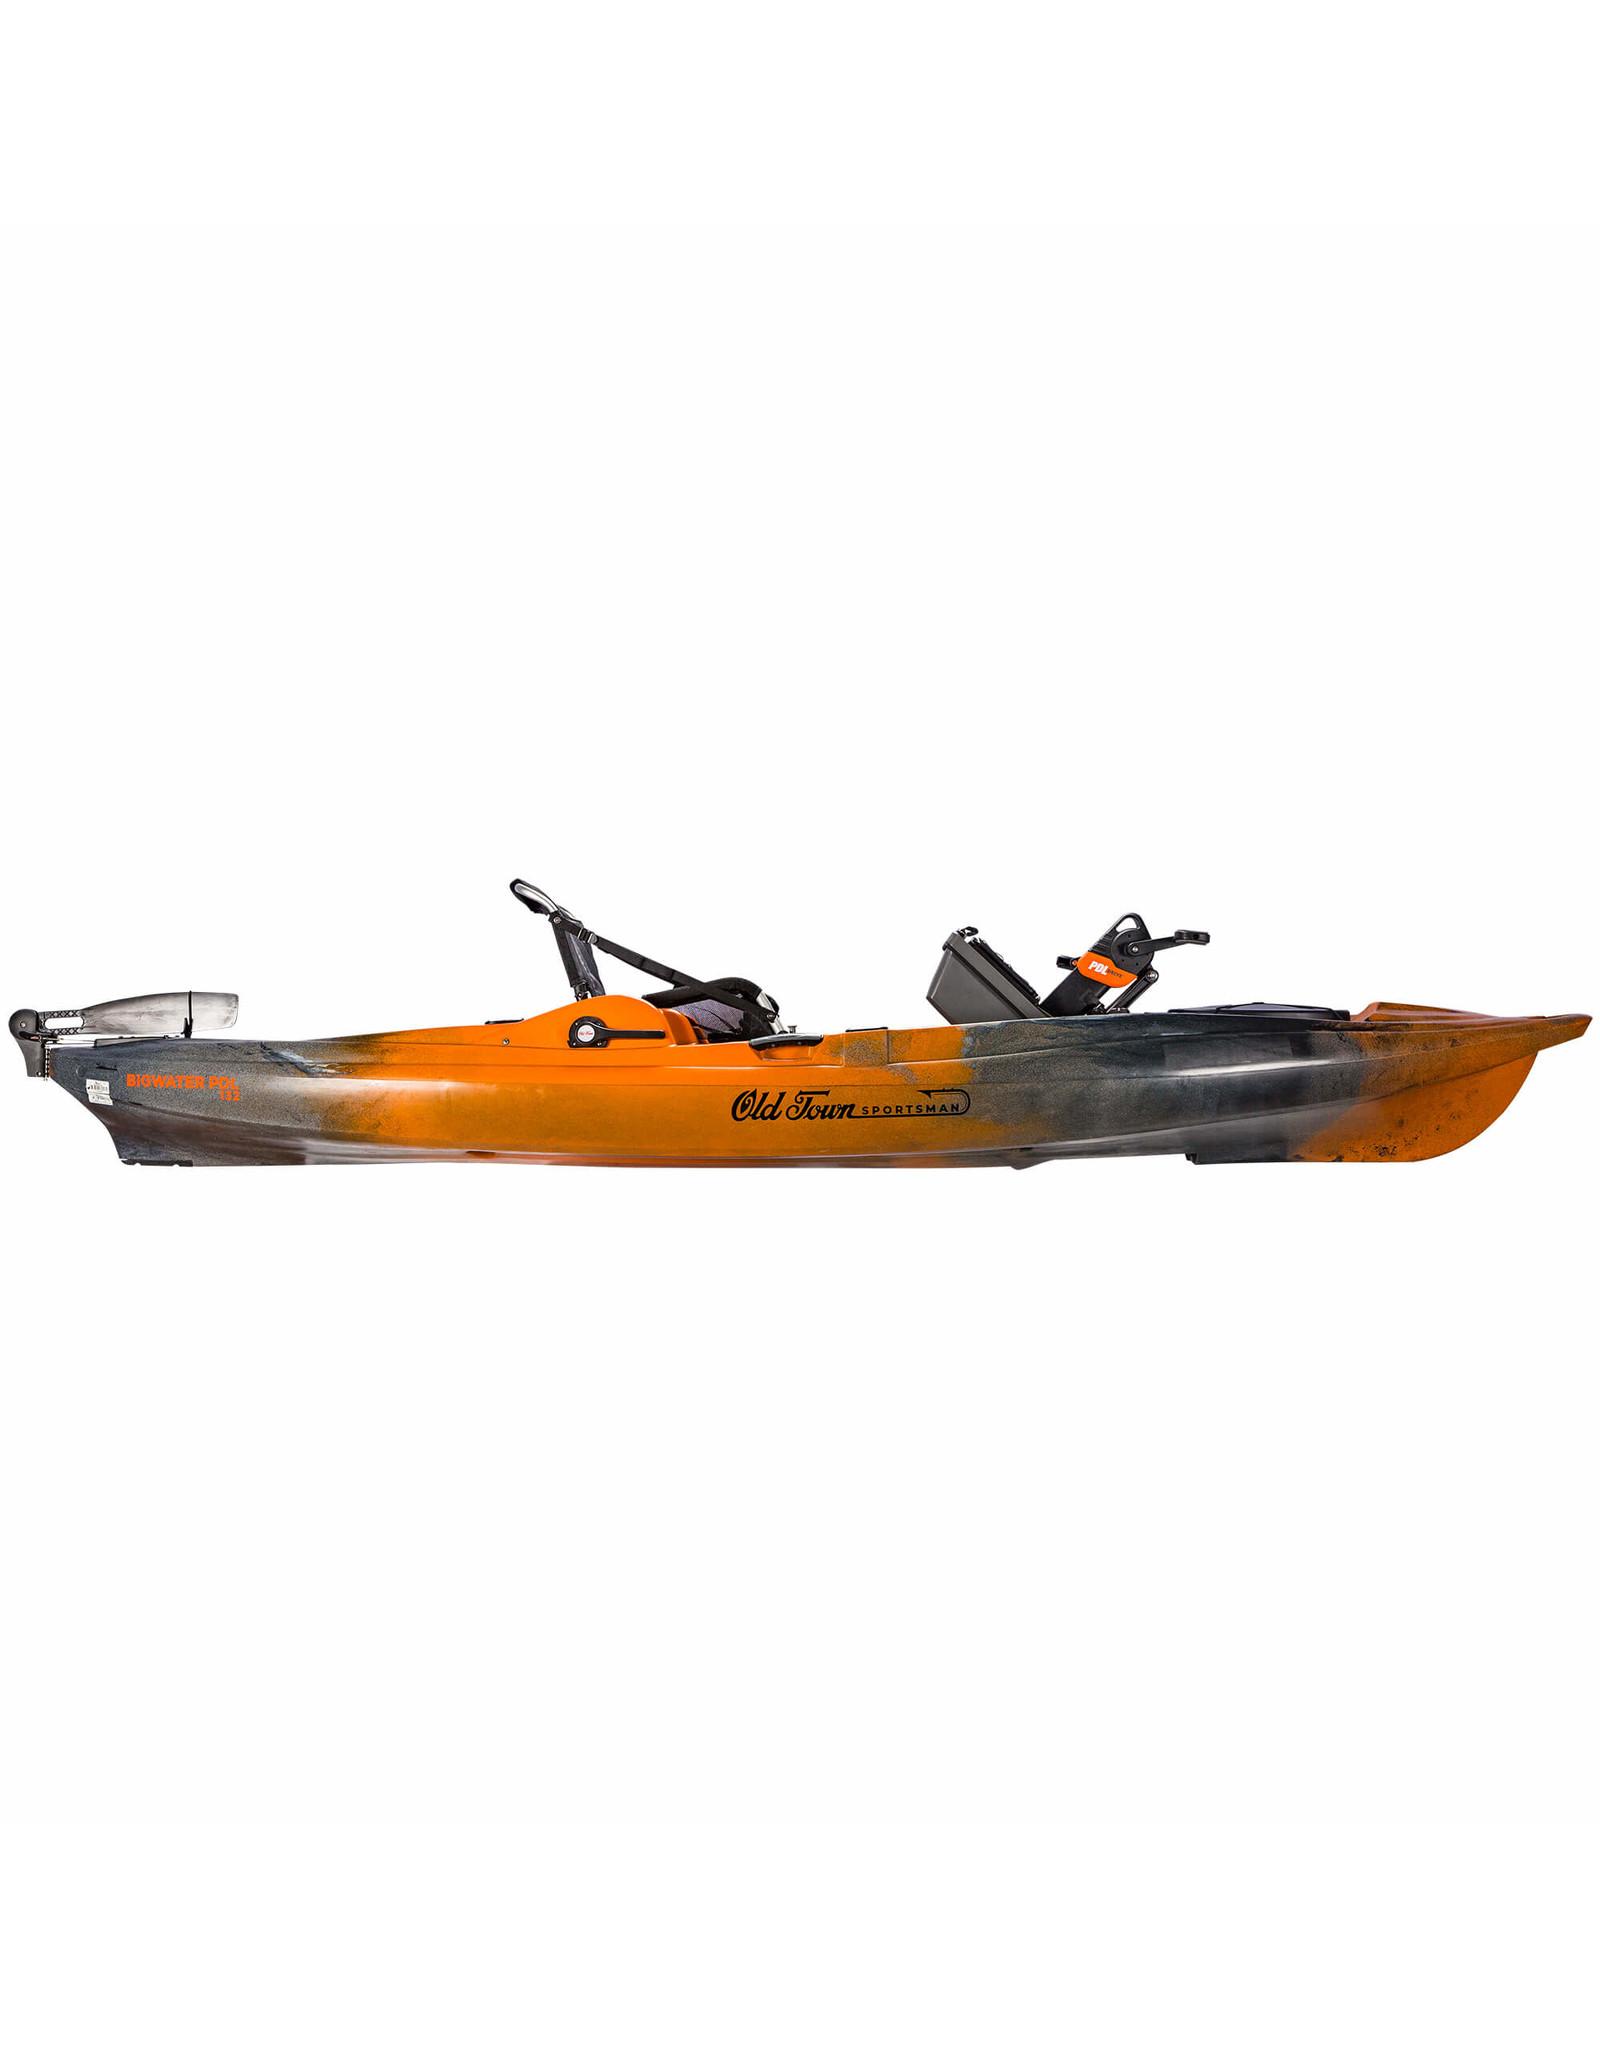 Old Town Old Town kayak Sportsman Big Water PDL